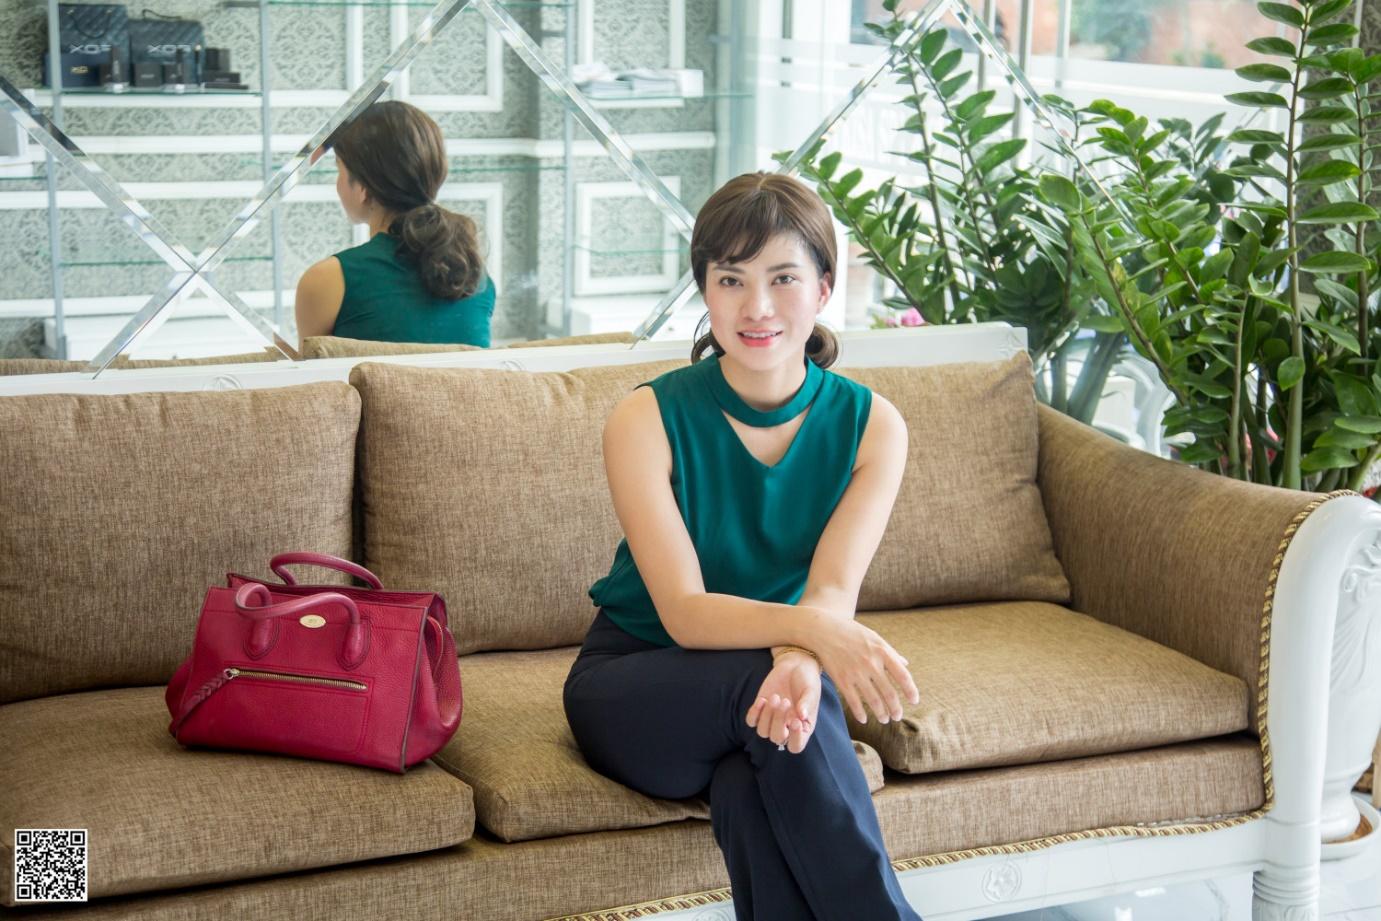 Nữ doanh nhân theo đuổi chữ TÂM & chữ TẦM trong kinh doanh làm đẹp